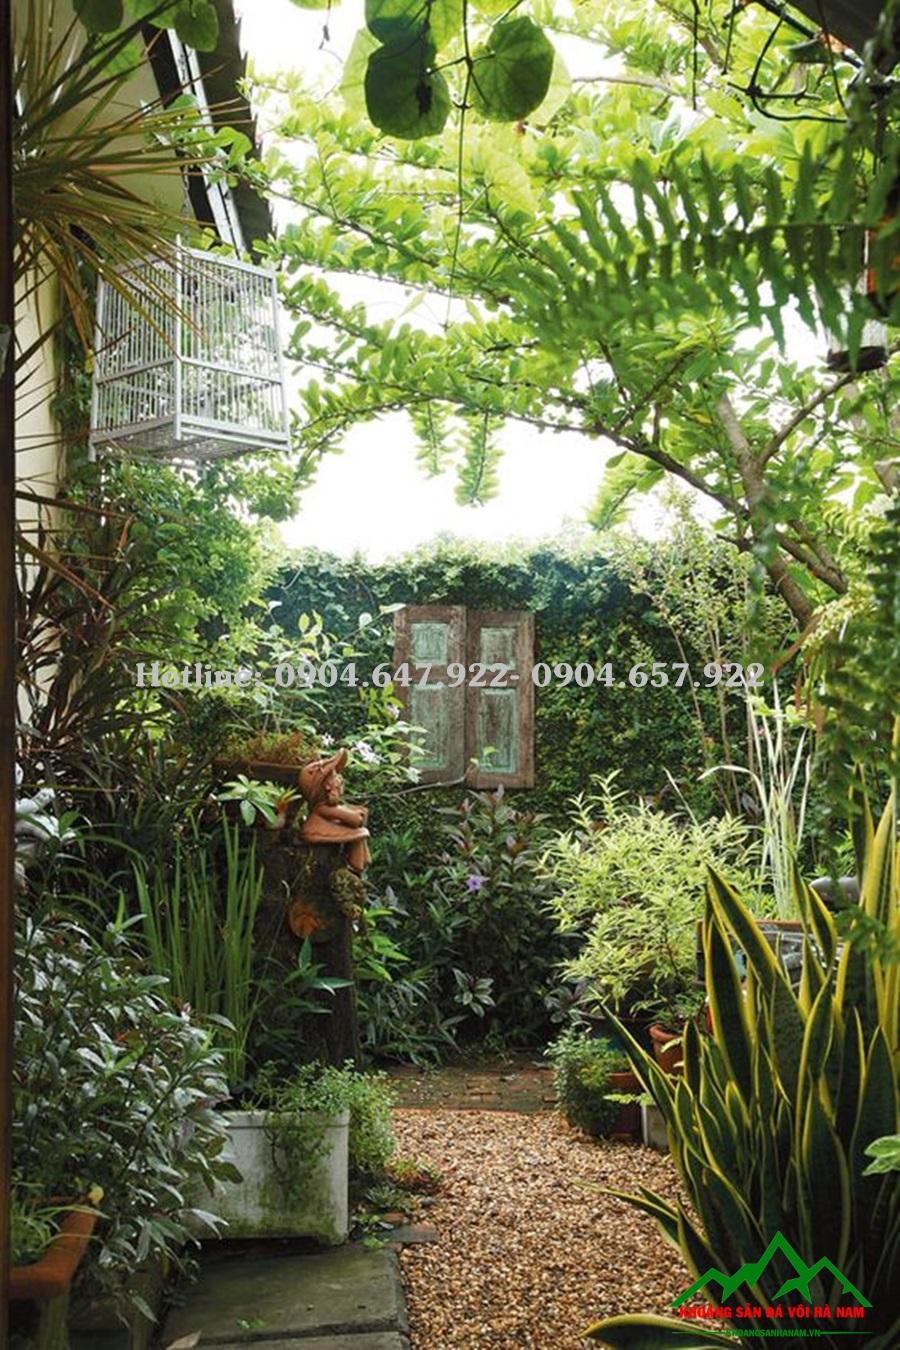 Ý tưởng về sân vườn đẹp dùng sỏi vàng